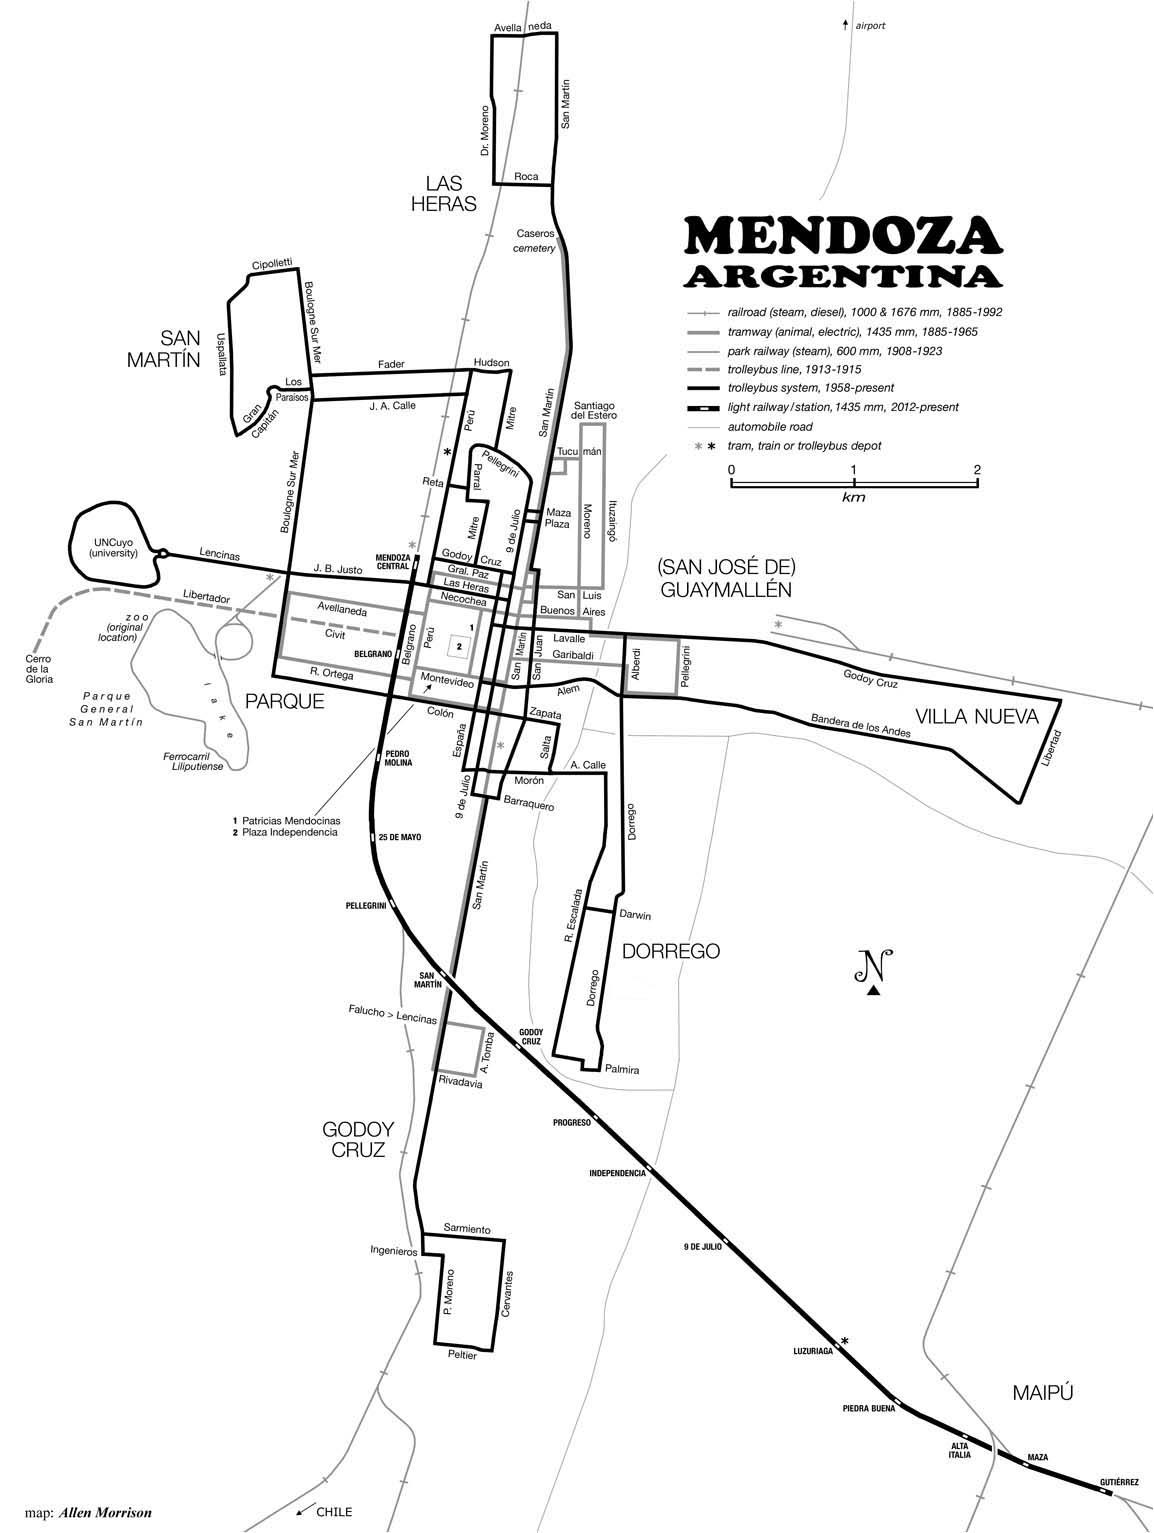 Z uveřejněné mapky vyplývá, že trolejbusová síť tu tramvajovou téměř bezezbytku nahradila a nadto ji dnes svým rozsahem přesahuje. Nicméně městská kolejová doprava se do Mendozy navrátila, a to v podobě rychlodrážní tramvaje, která se již brzy dočká svého prodloužení a která je na mapce rovněž zřetelná. (autor: Allen Morrison)